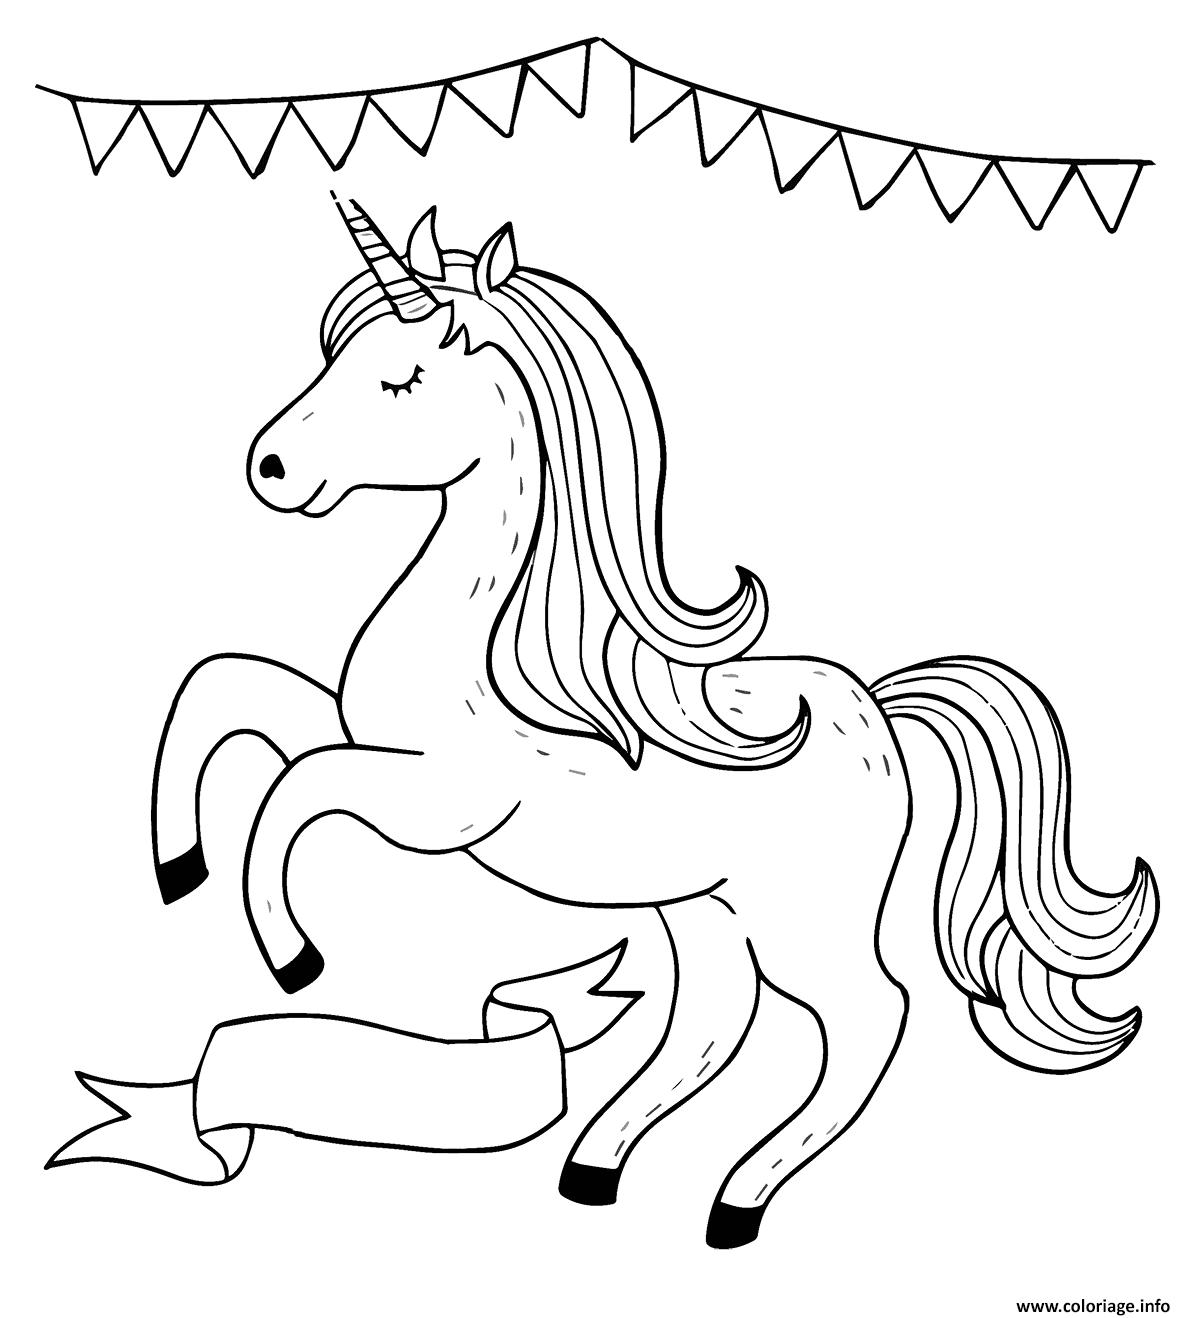 Dessin licorne magique celebration fille Coloriage Gratuit à Imprimer